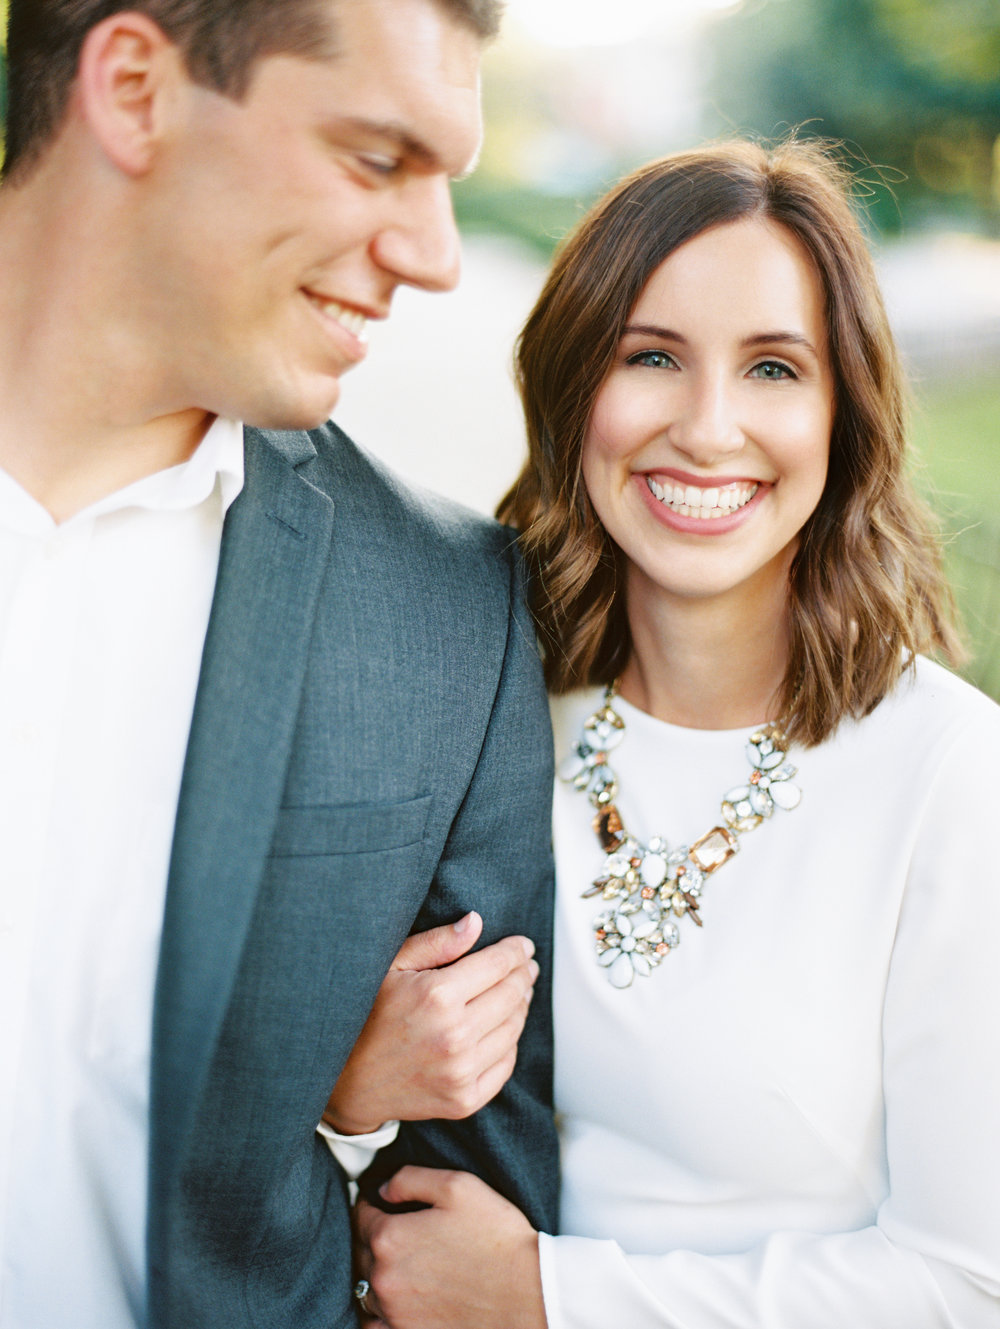 Haley Hansen Bridal Engagement Makeup Artist St. Louis MO. Missouri .jpg